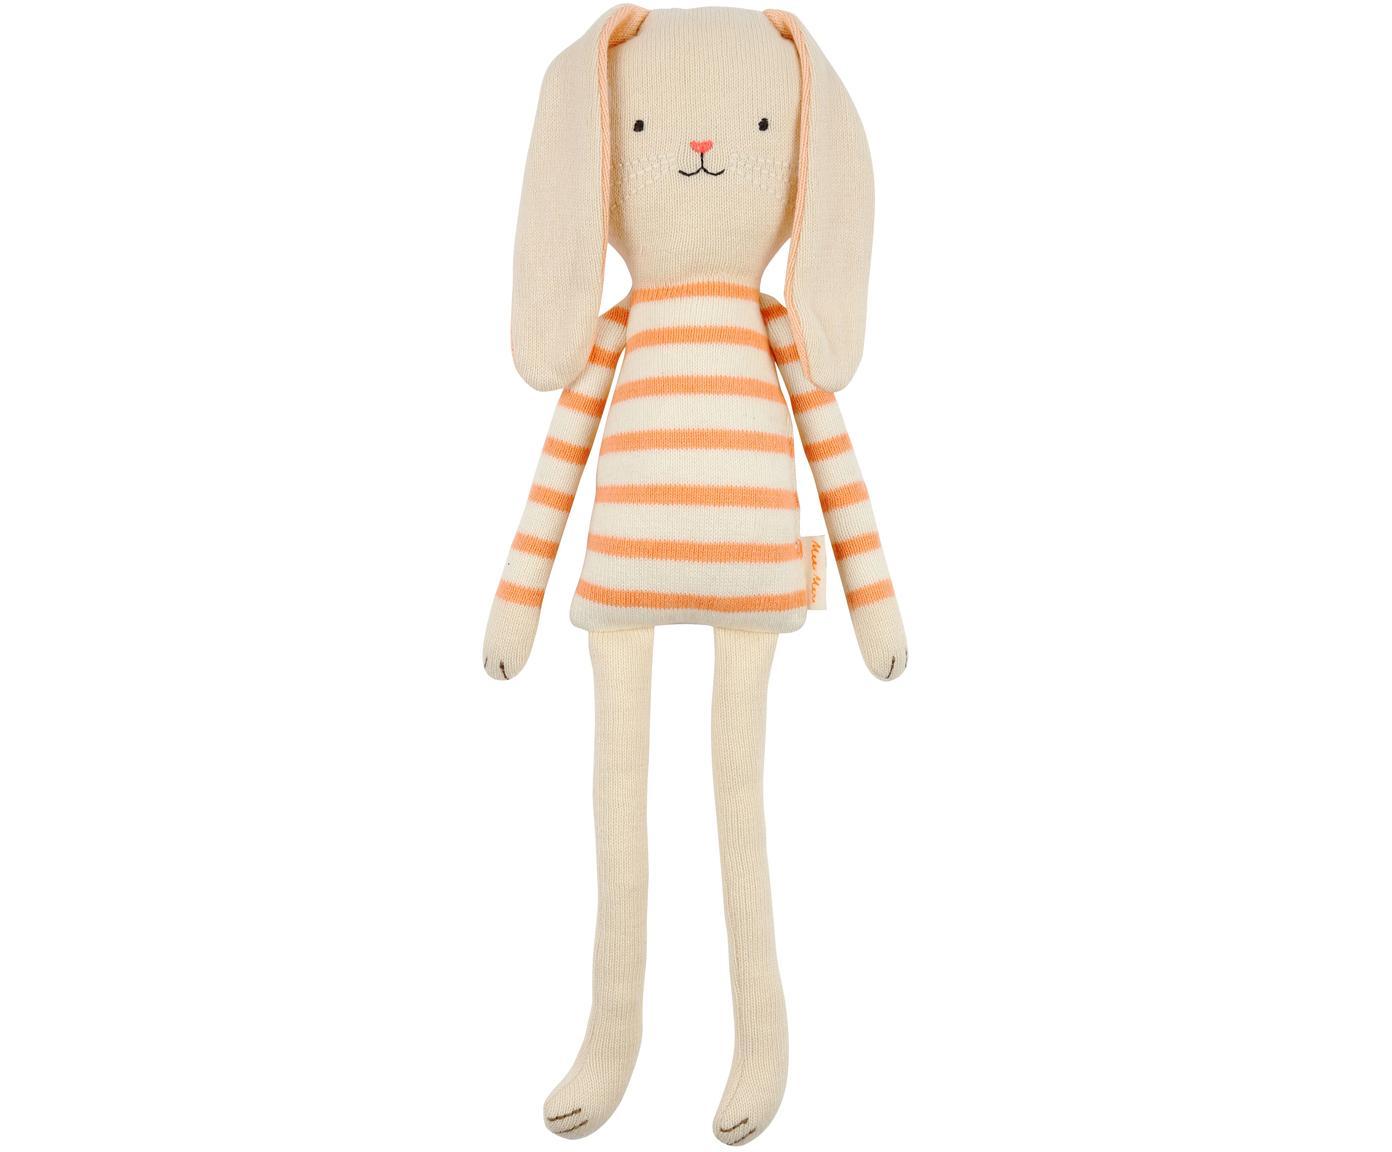 Kuscheltier Bunny aus Bio-Baumwolle, Bio-Baumwolle, OCS-zertifiziert, Hellbeige, Orange, 12 x 33 cm